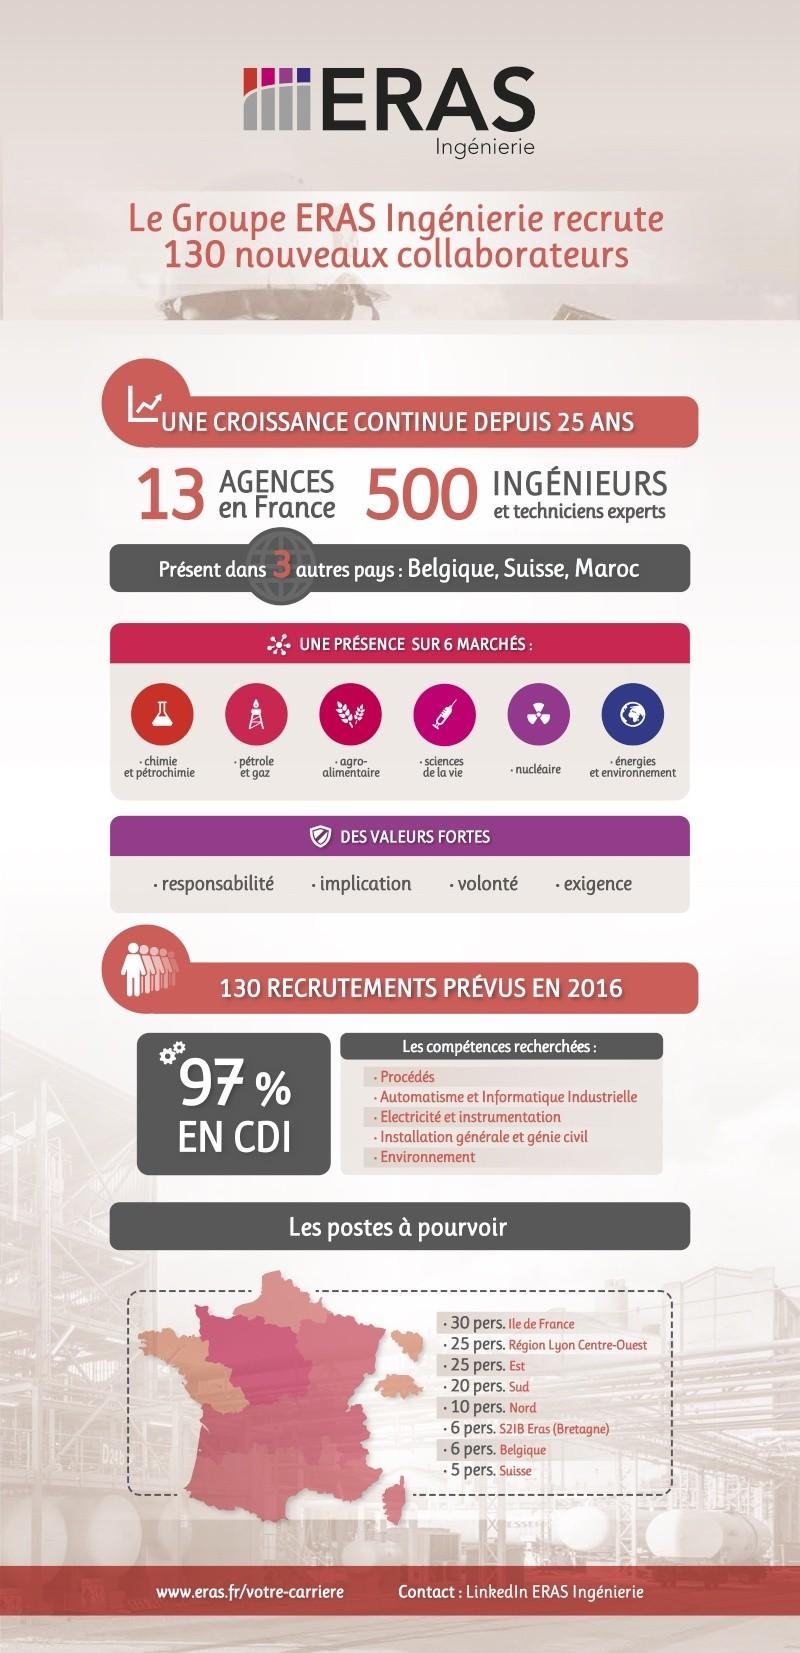 Le Groupe ERAS Ingénierie poursuit son développement en France et à l'international et, pour la deuxième année consécutive, recrute près de 130 nouveaux collaborateurs Infogr11